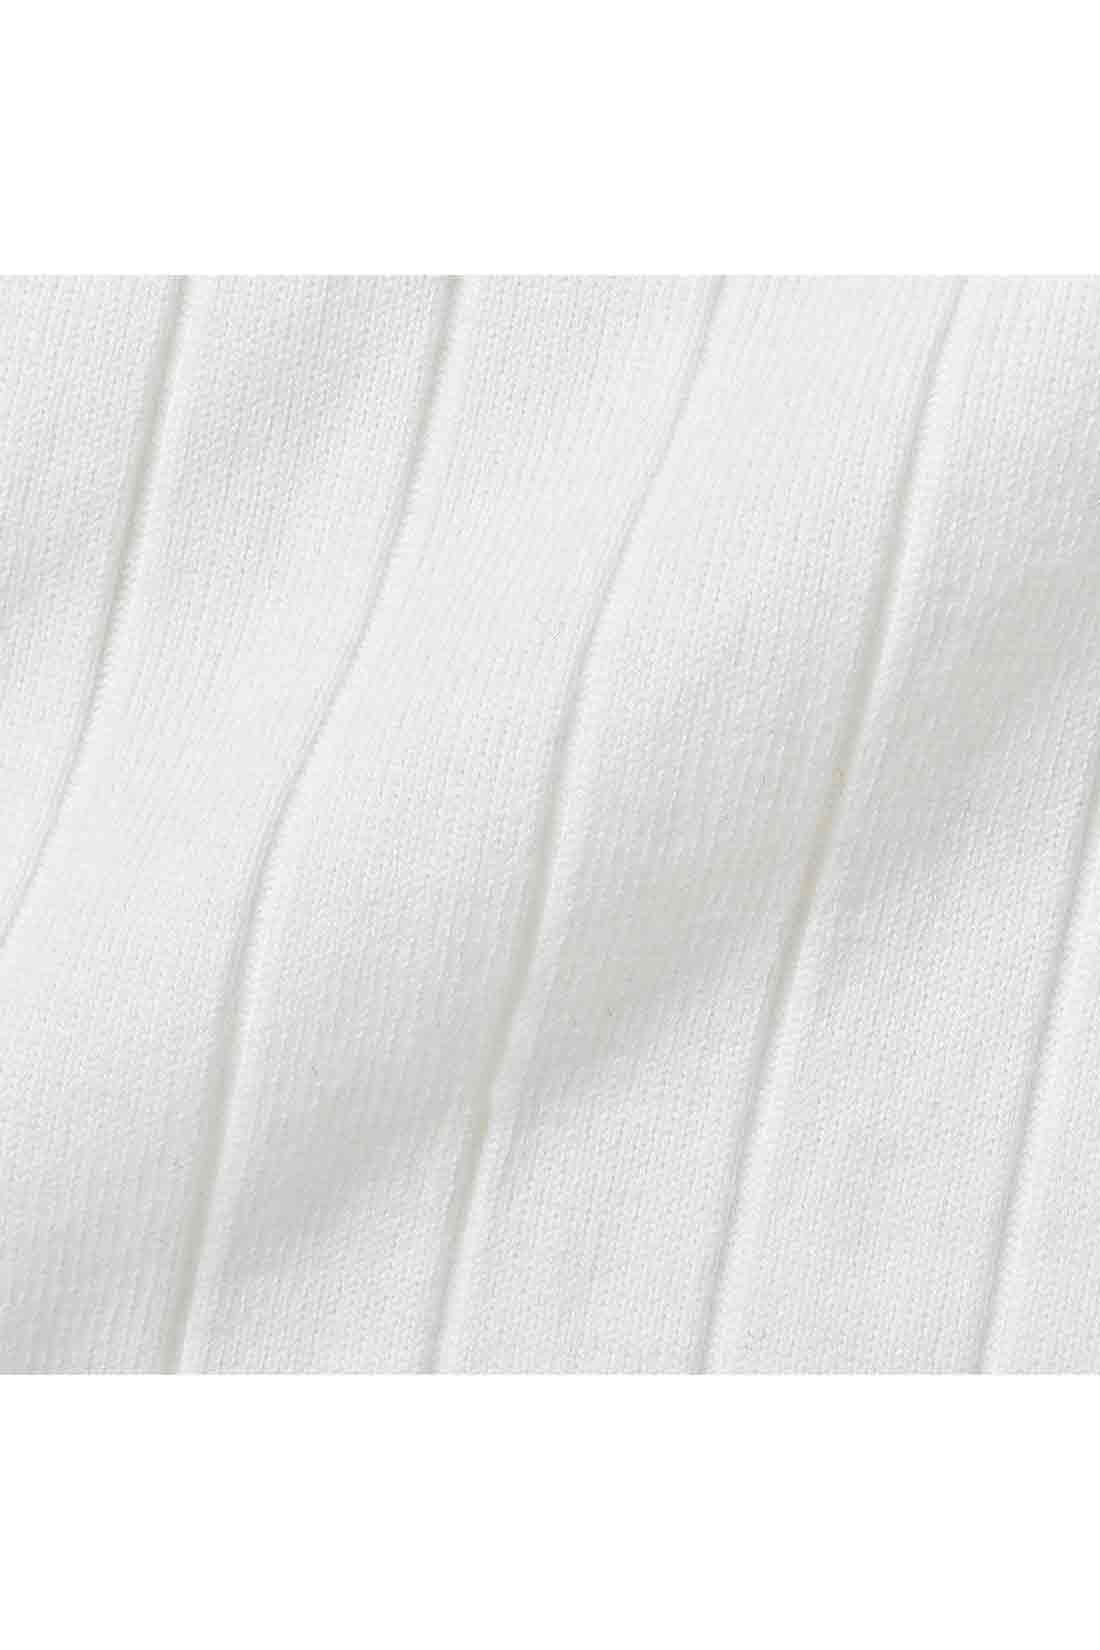 ポリエステル混の綿素材で、ほどよい厚みと張りがあるワイドリブは、からだのラインを拾いにくいです。